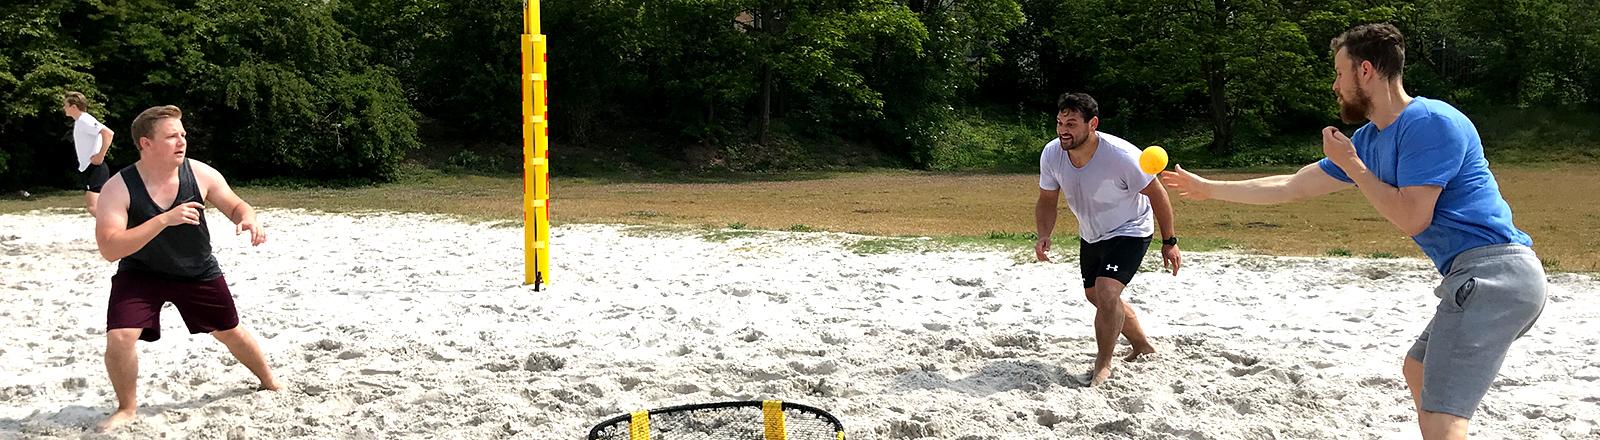 Sportstudenten spielt Spikeball.